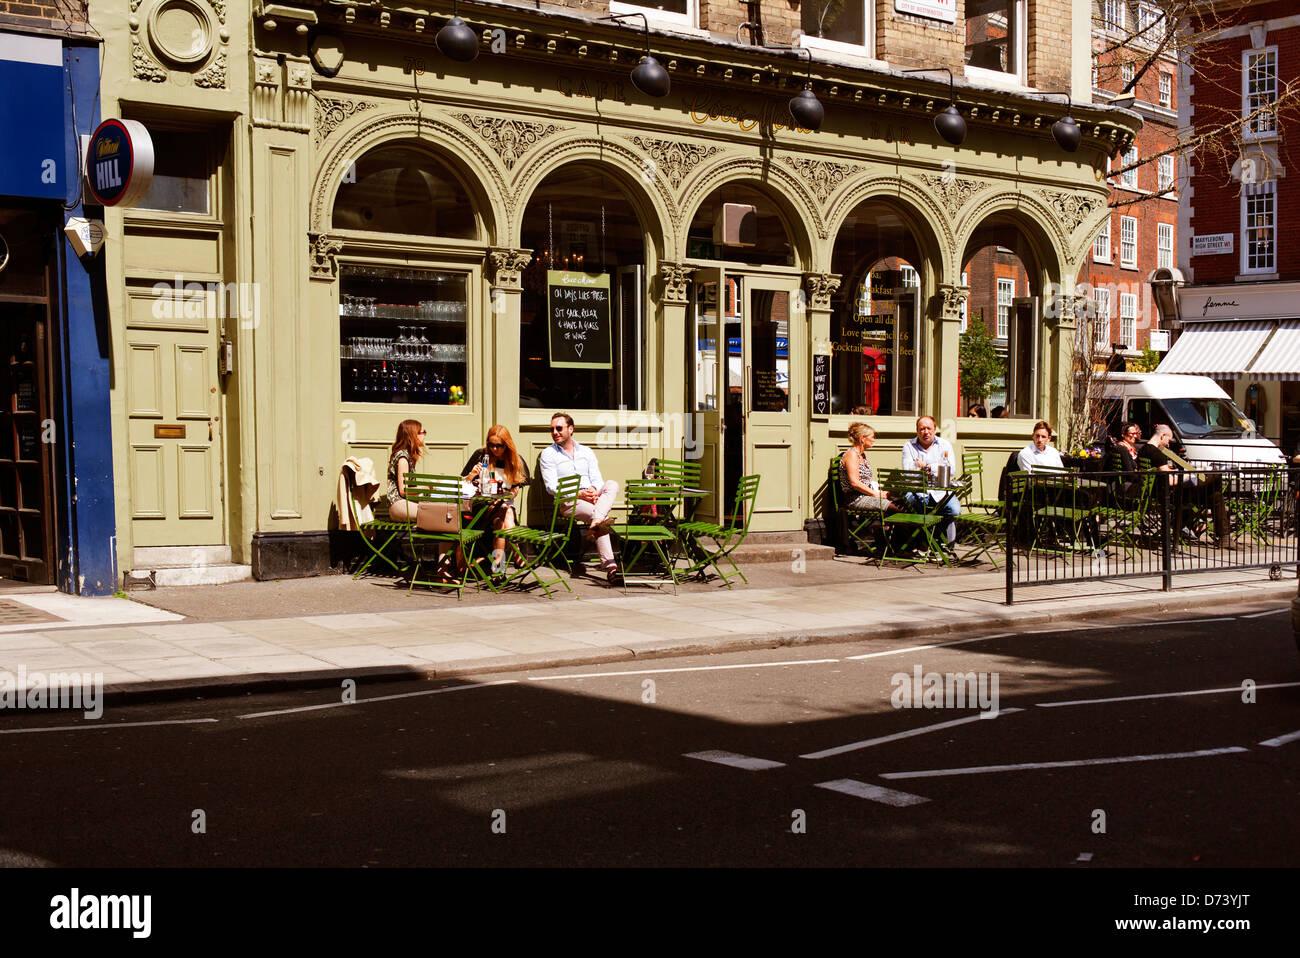 london marylebone stock photos u0026 london marylebone stock images